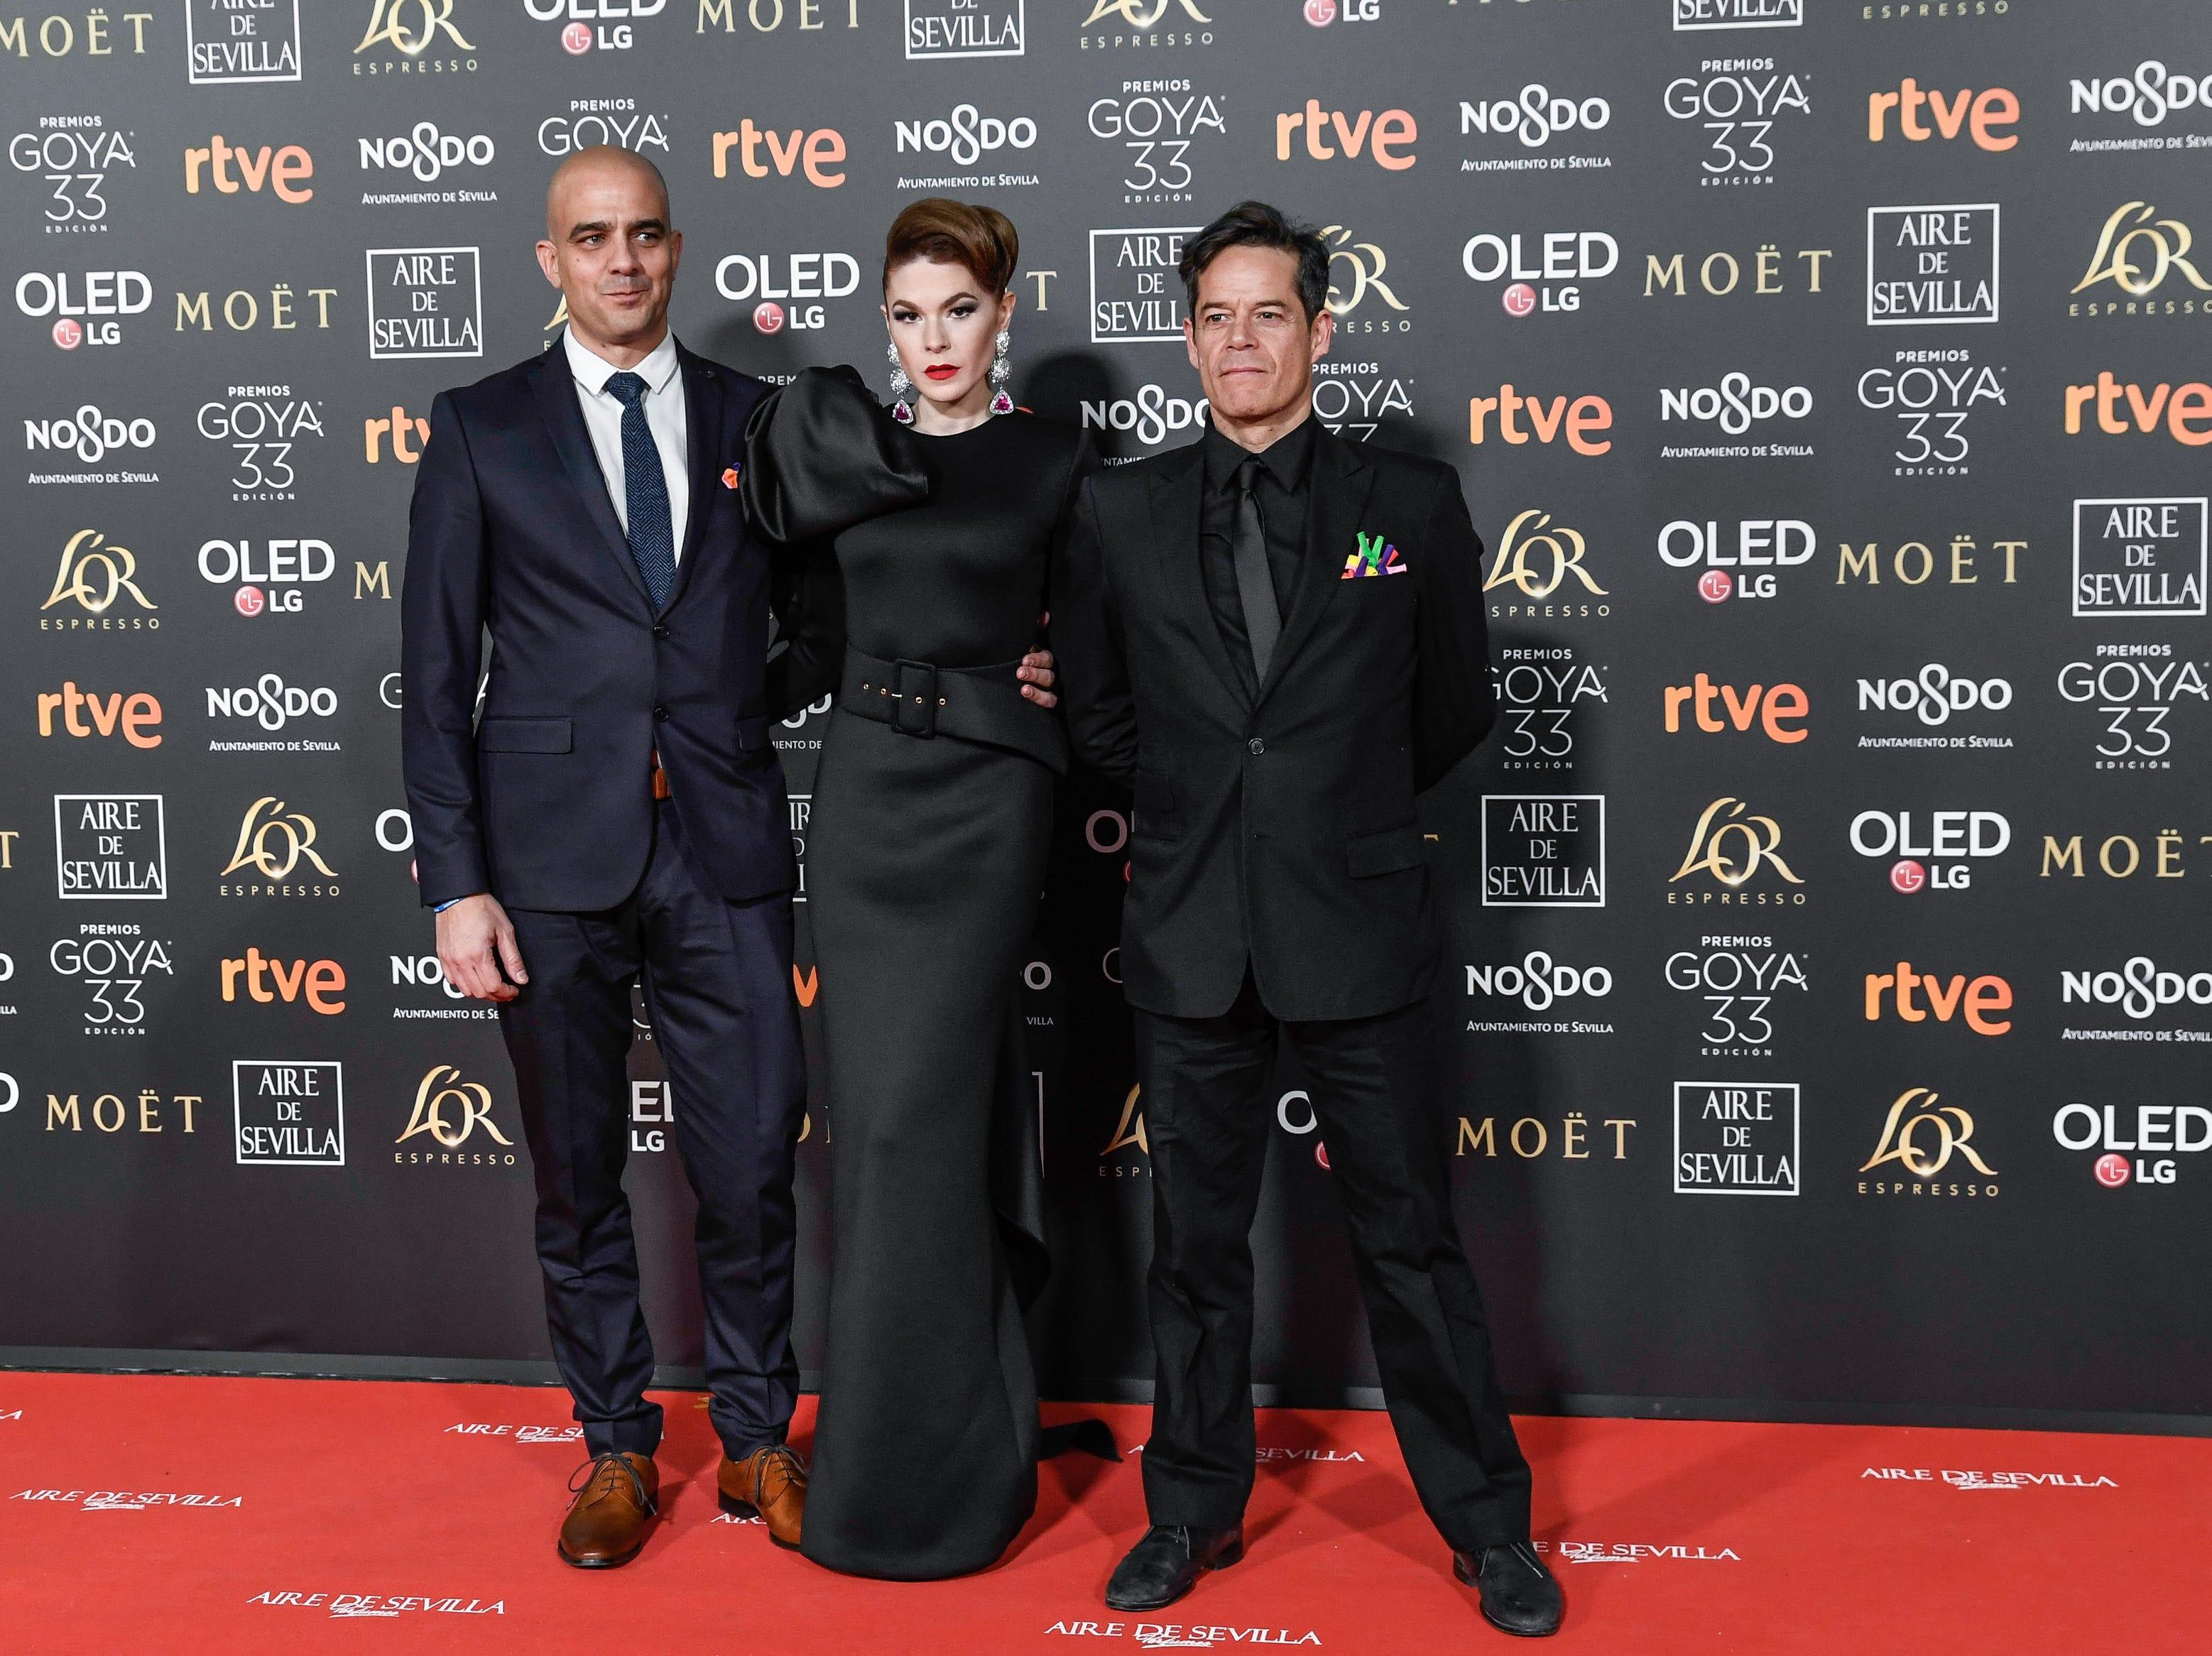 Jorge Sanz (der) asiste a la 33ª edición de los Premios de Cine Goya en el Palacio de Congresos y Exposiciones FIBES el 2 de febrero de 2019 en Sevilla, España.